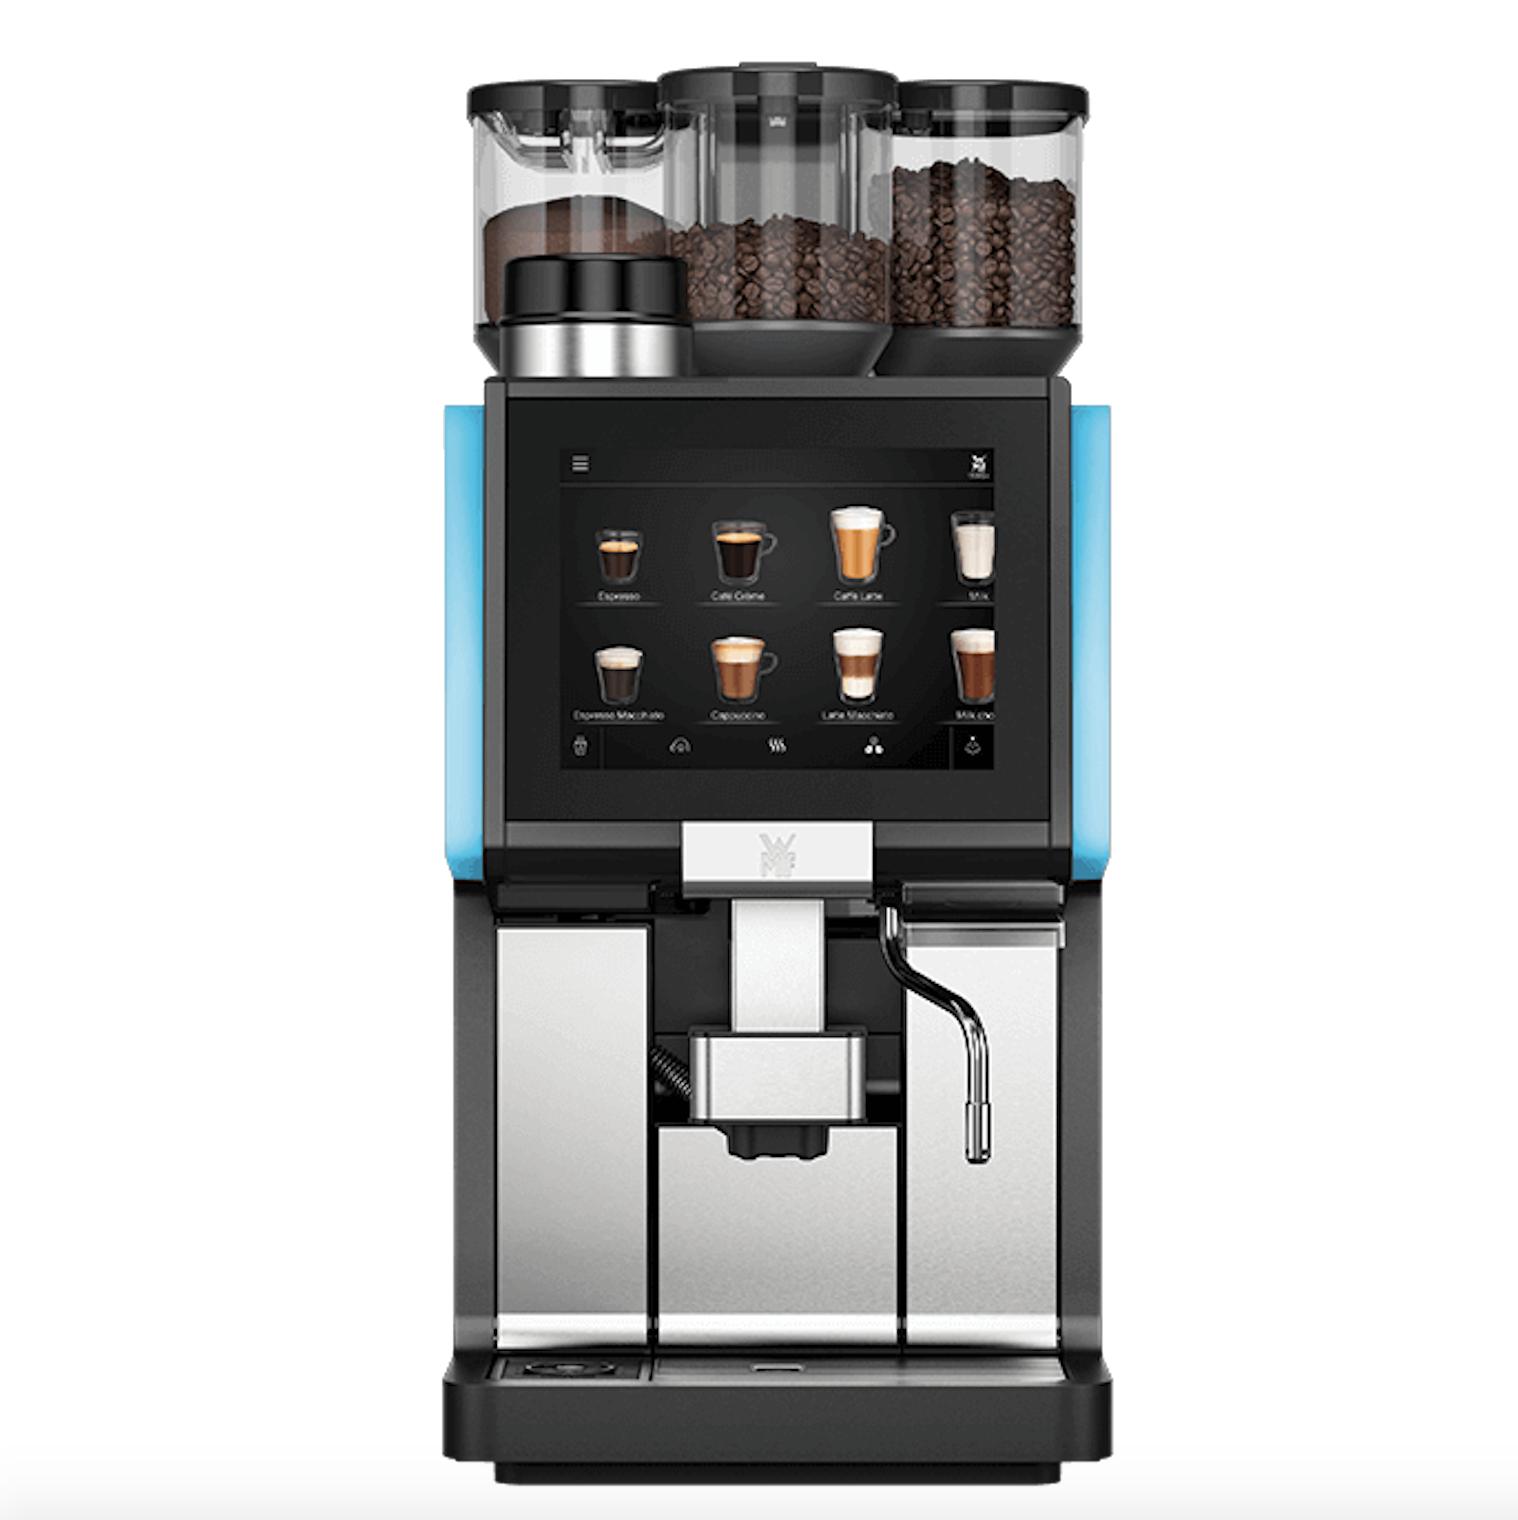 WMF 1500 S plus koffiemachine voor kantoor